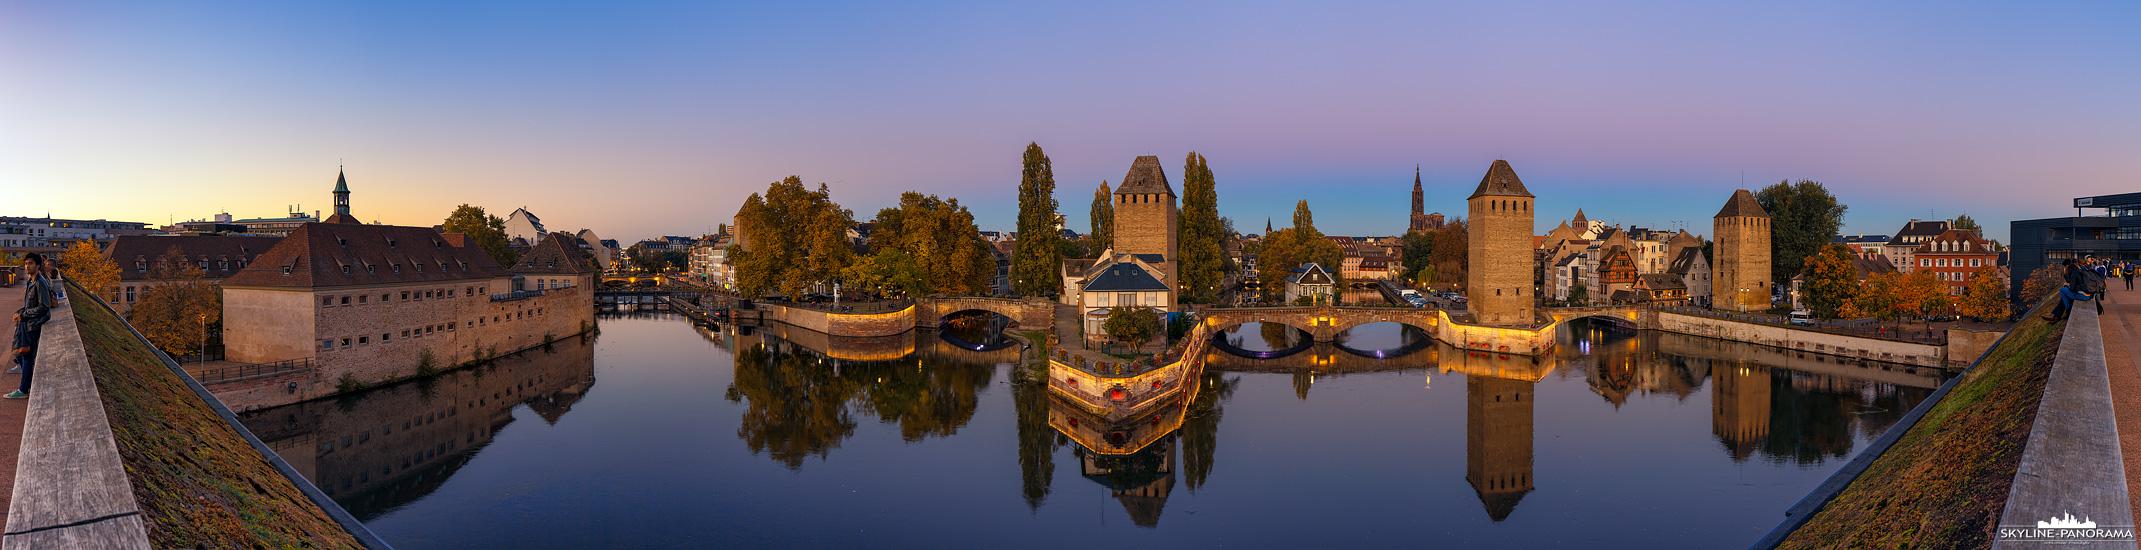 Am Ende der Altstadt von Straßburg - Petite France (Klein Frankreich) genannt - befinden sich die Gedeckten Brücken mit den drei dominanten Wehrtürmen aus dem 14. Jahrhundert, die im Mittelalter und darüber hinaus, zu der Stadtbefestigung gehörten.